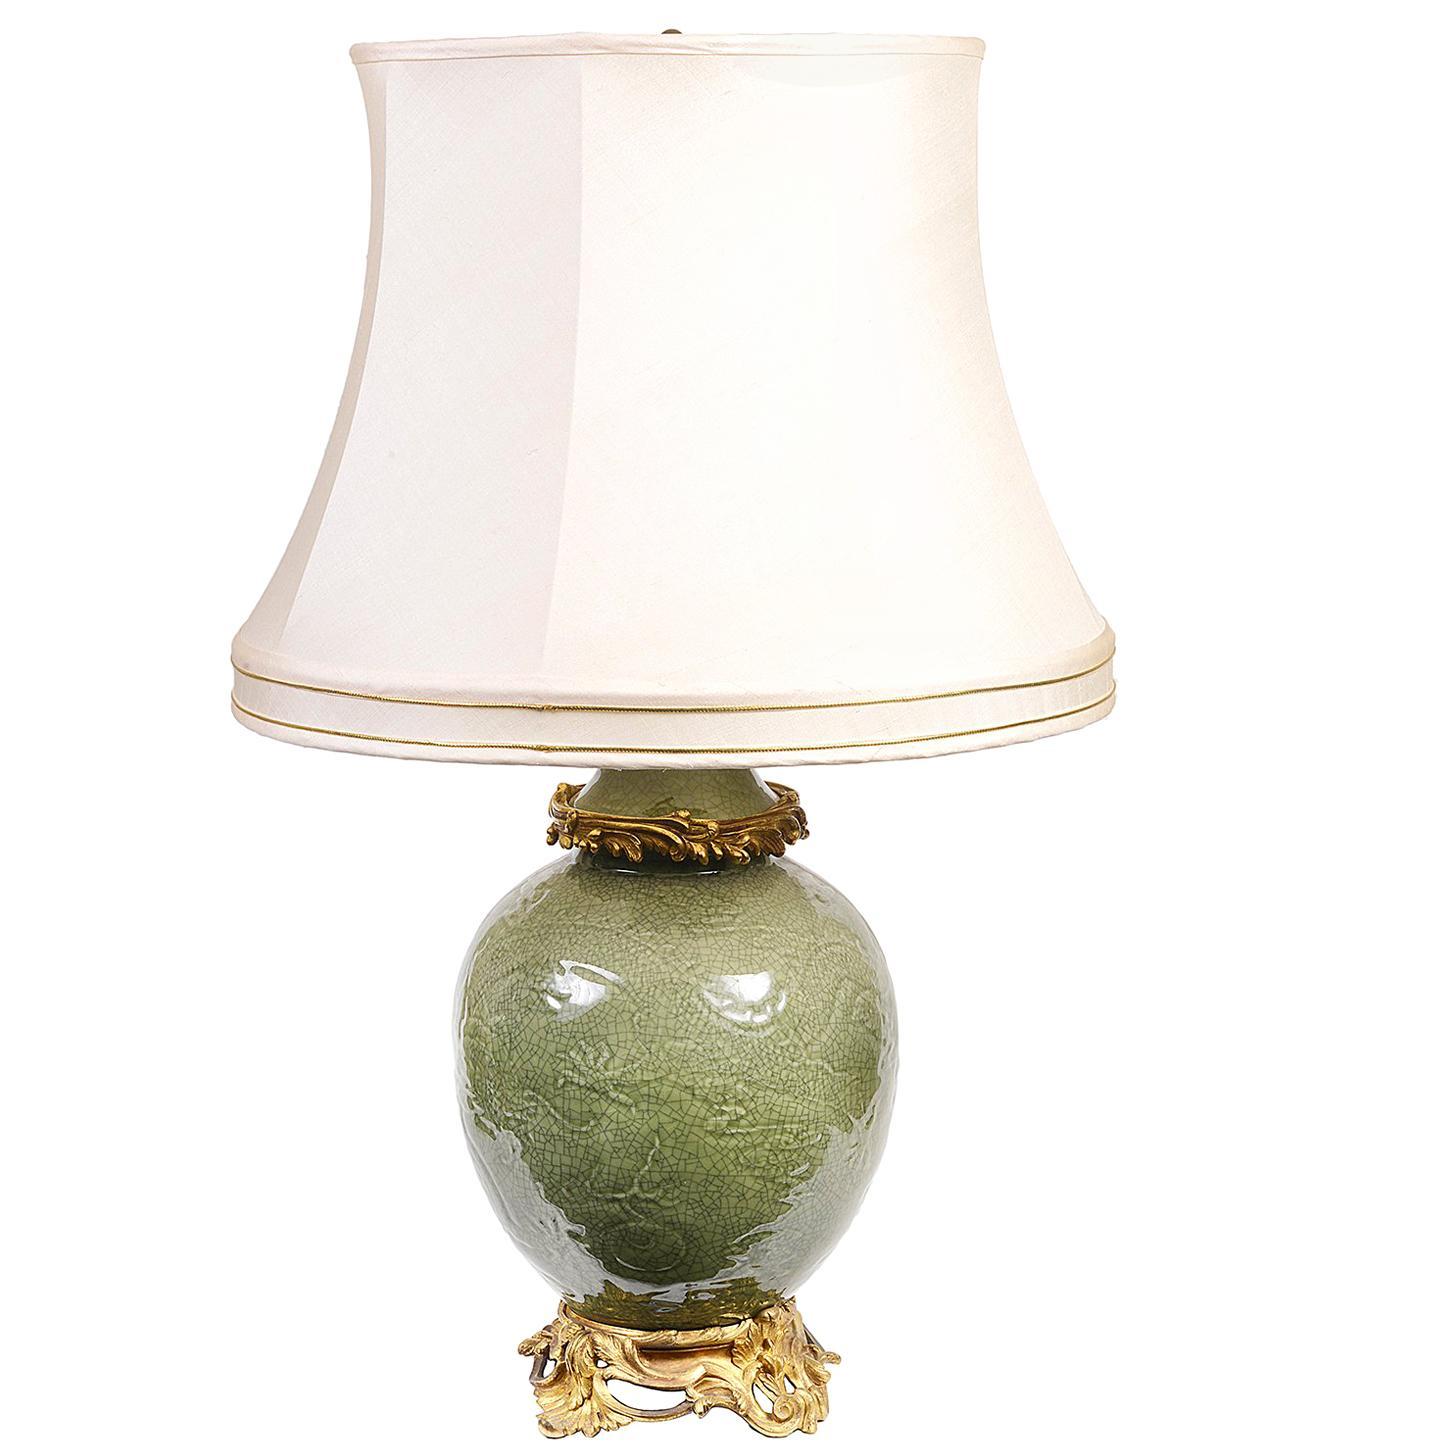 19th Century Chinese Celadon Ormolu Mounted Vase / Lamp